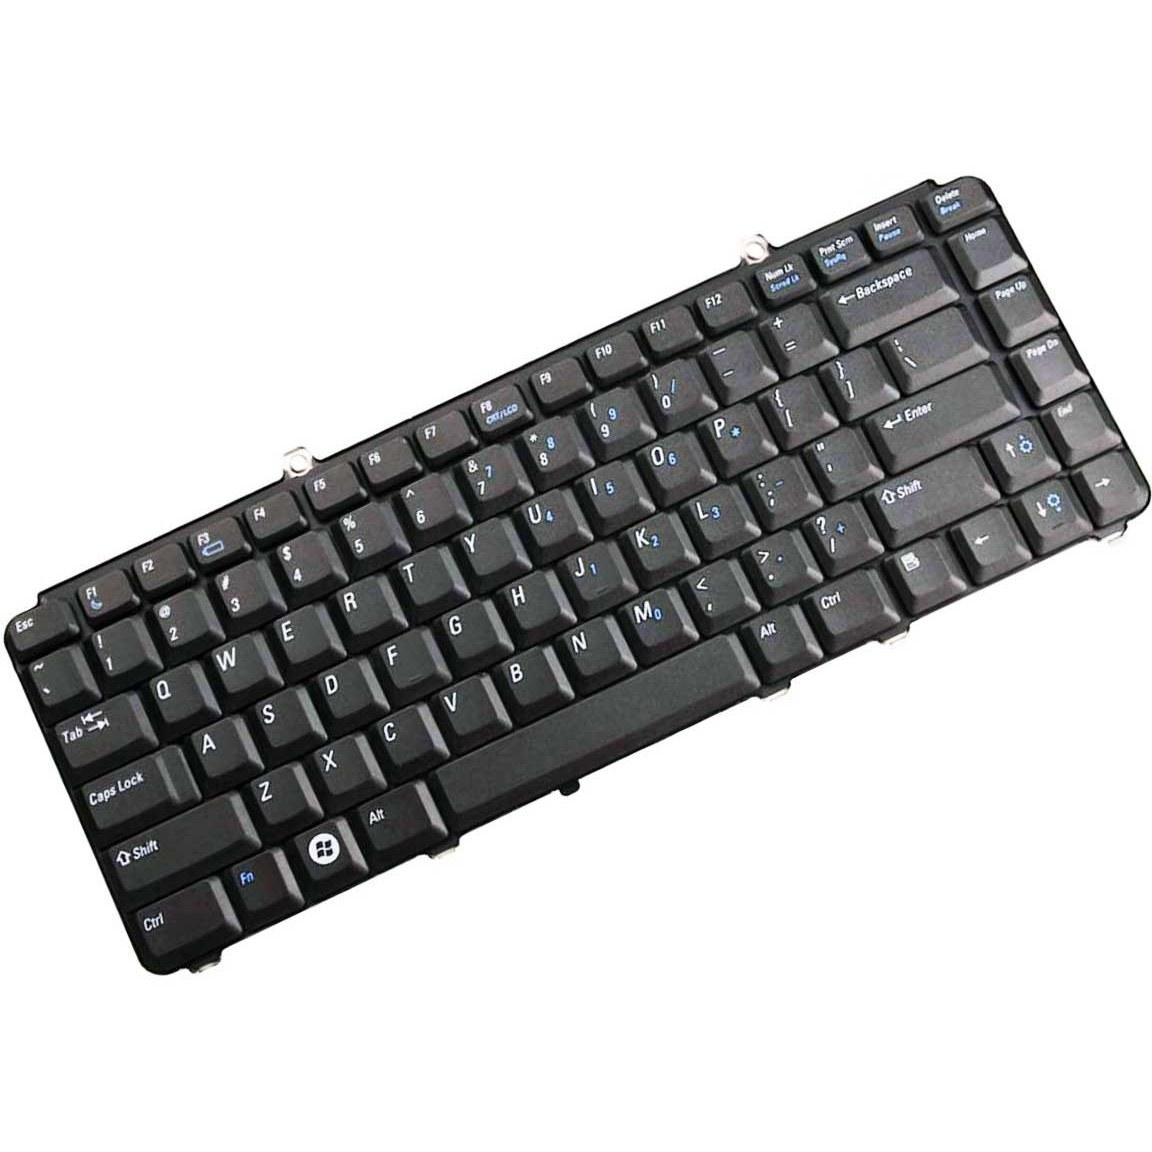 تصویر کیبورد لپ تاپ دل Inspiron 1420 1520 1521 1526 laptop Keyboard For Dell inspiron 1400 1520 1521 1525 1526 1540 1545 1420 1500 XPS M1330 M1530 NK750 PP29L M1550